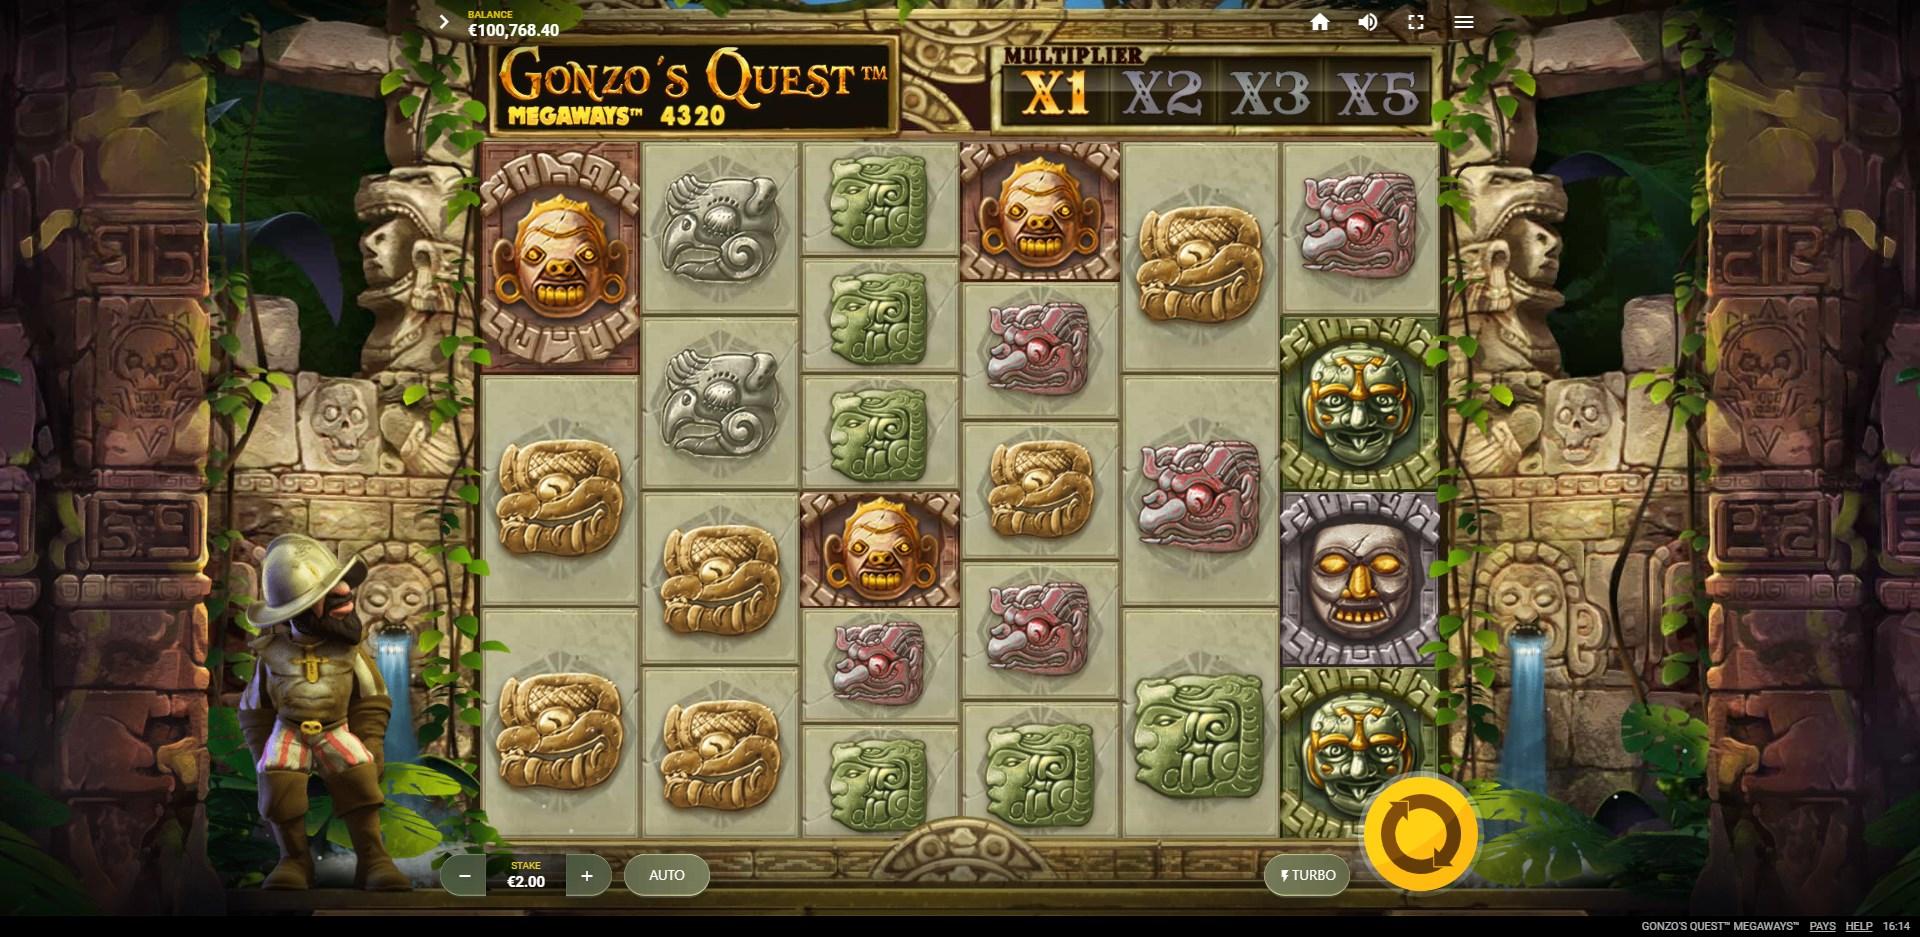 Spillemaskiner fra NetEnt Gonzo's Quest MEGAWAYS